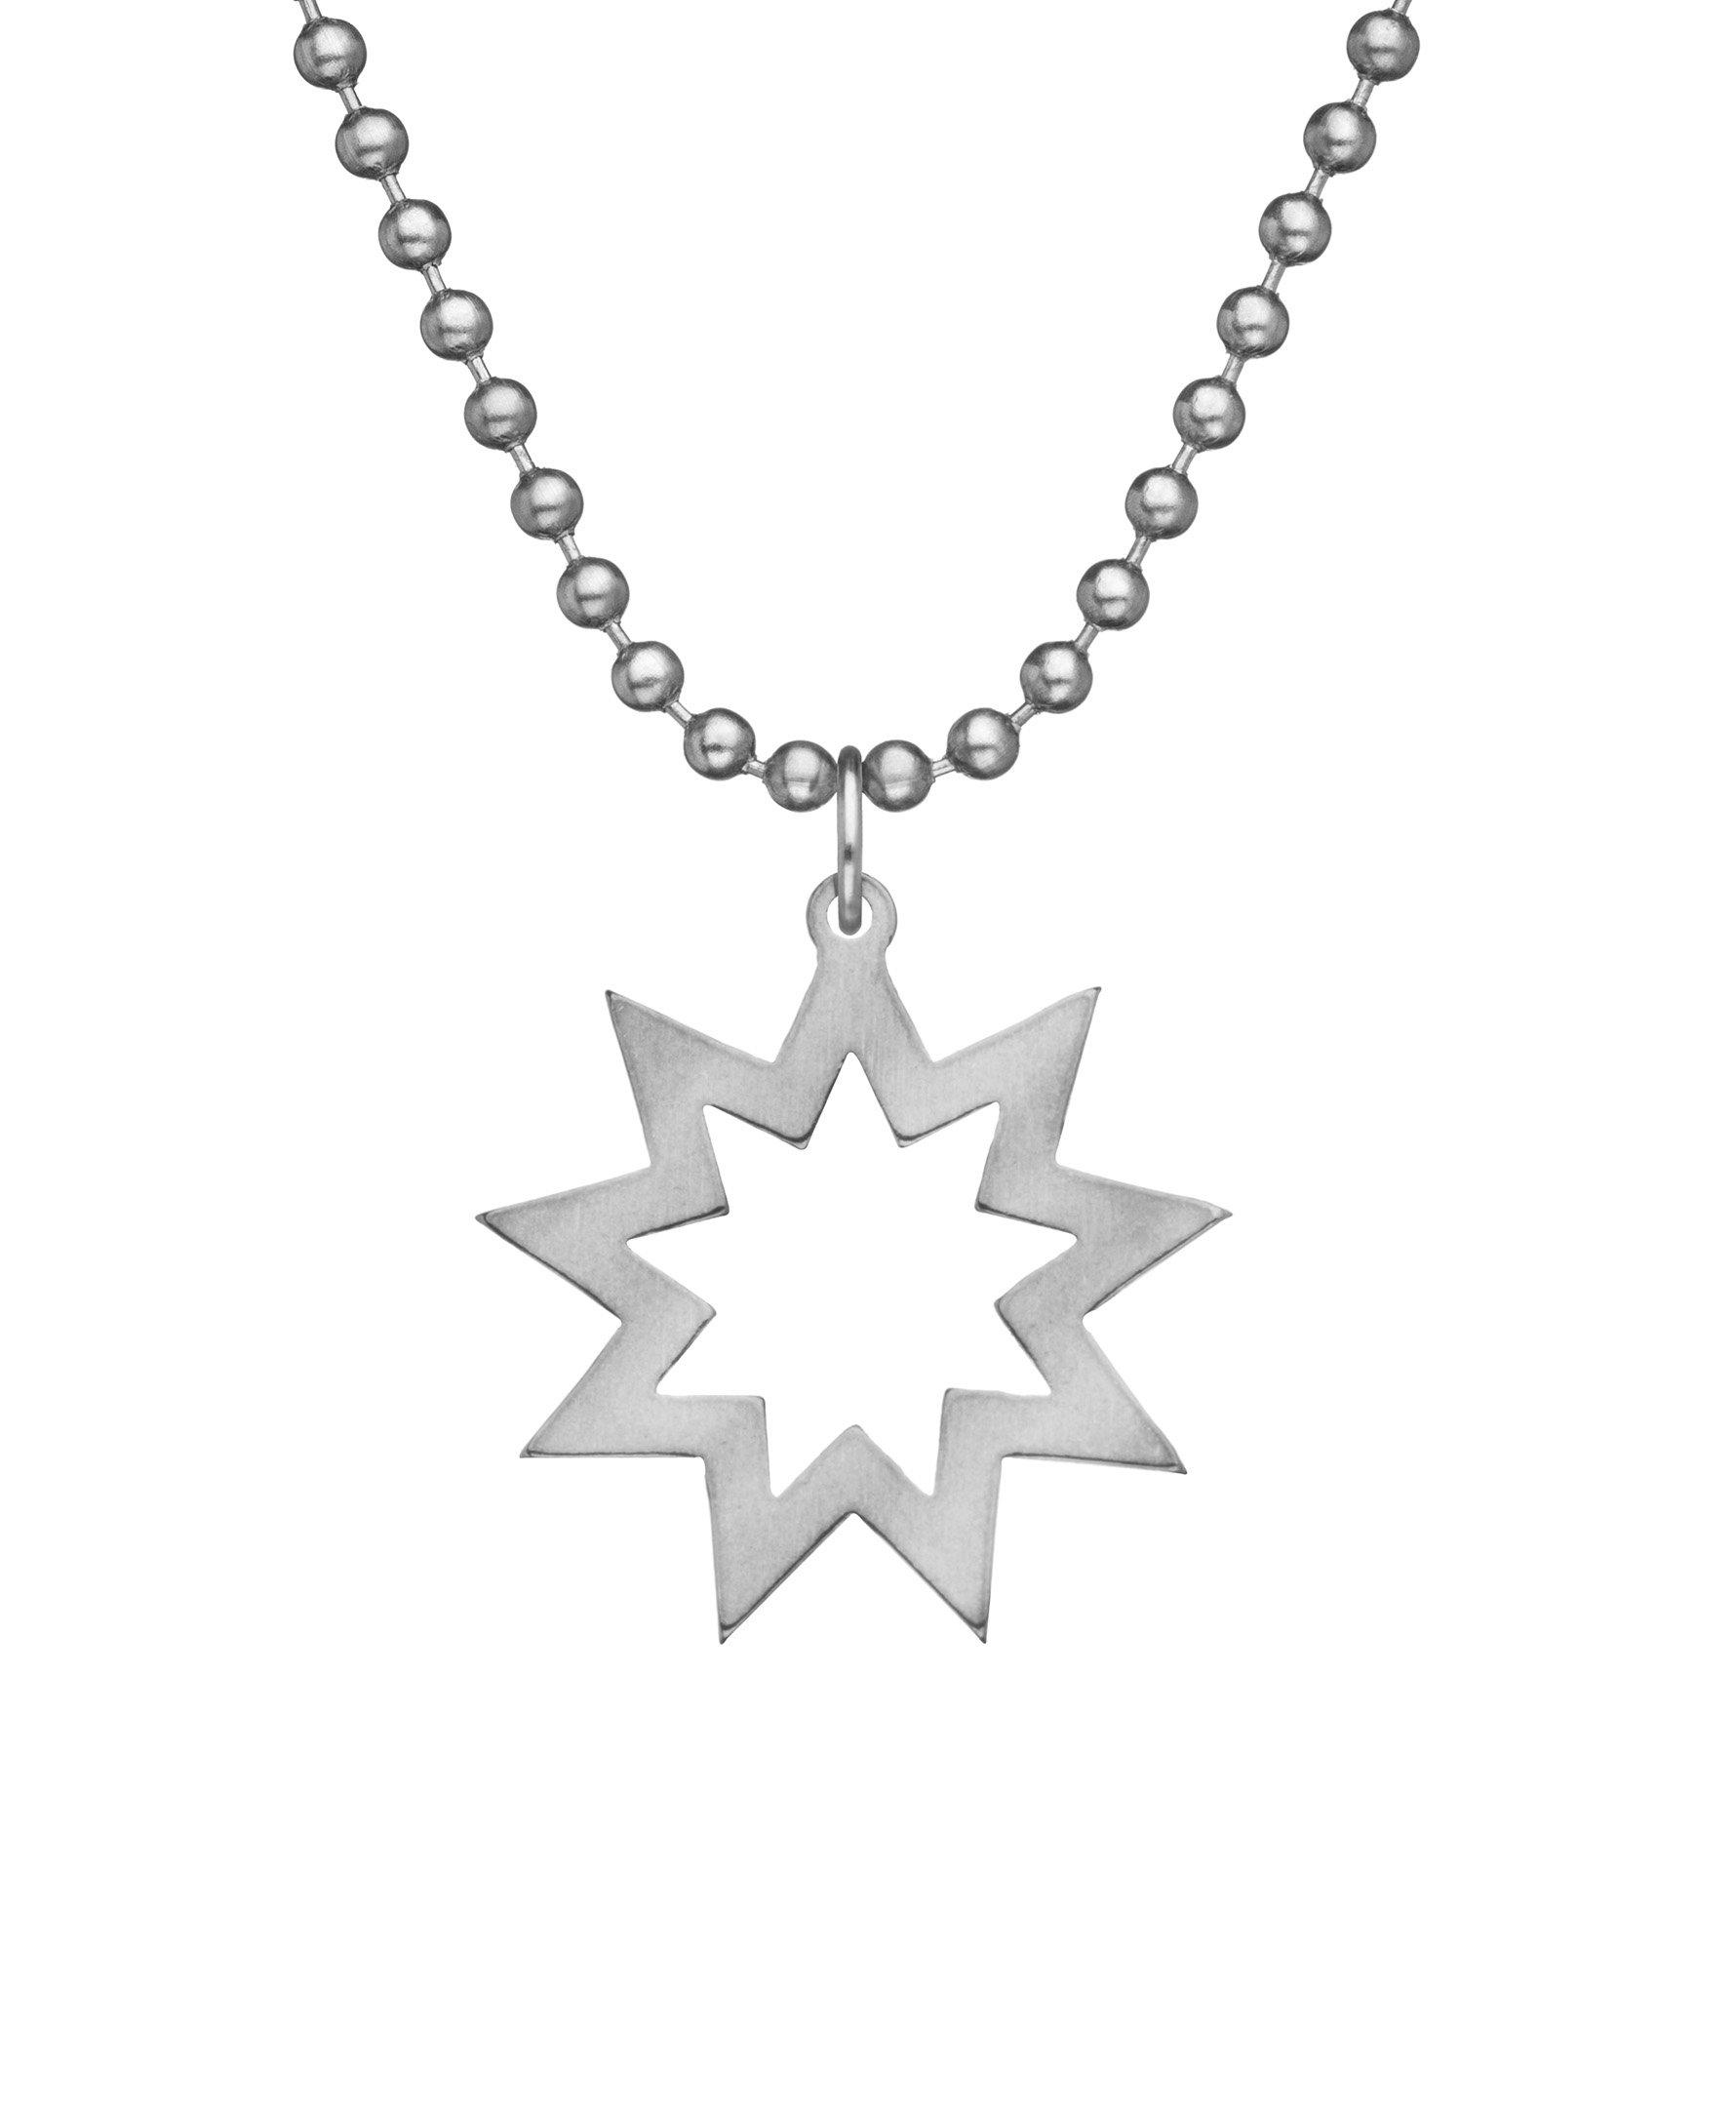 Baha'i Necklace